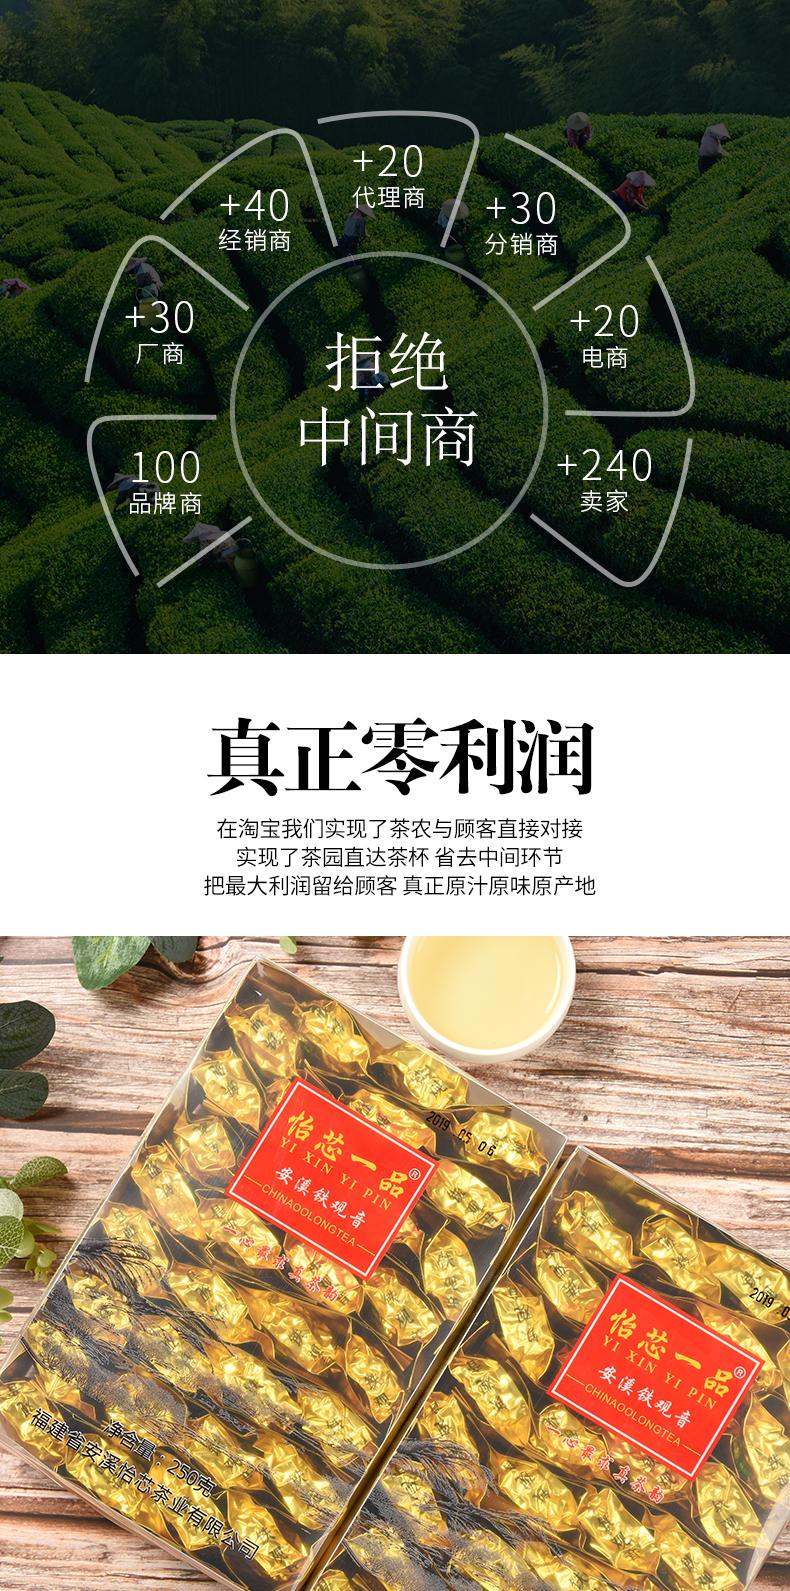 【发斤】特级安溪铁观音茶叶浓香型秋茶高山散装乌龙茶详细照片